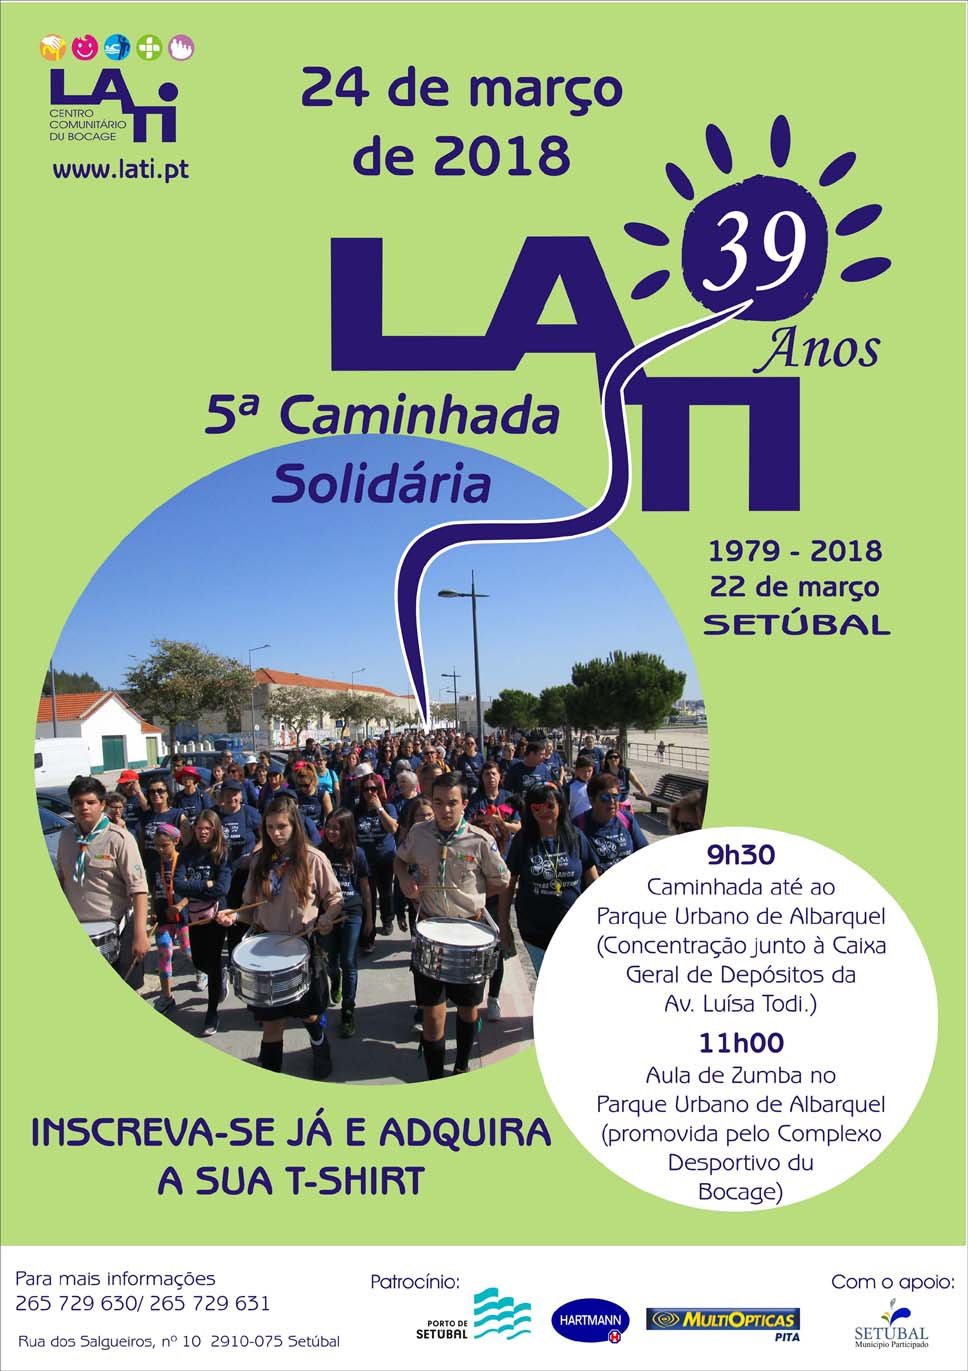 Participe na V Caminhada Solidária da LATI – Inscreva-se já!